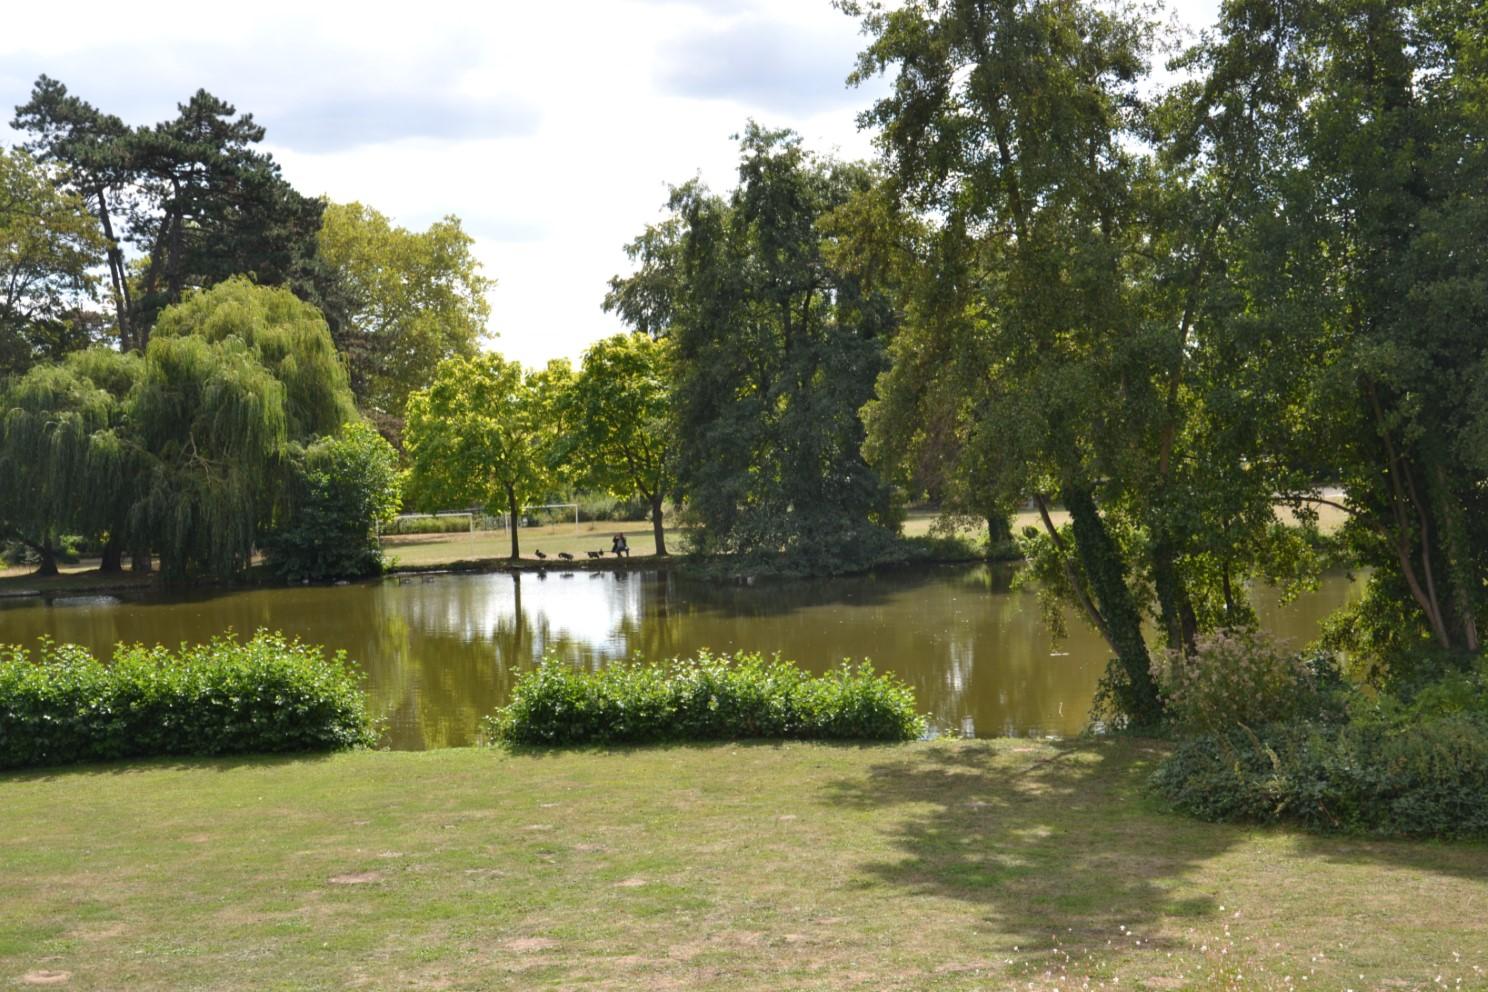 Septembre 2018 - Parc du domaine de Bury à Margency (lors des Journées du Patrimoine)